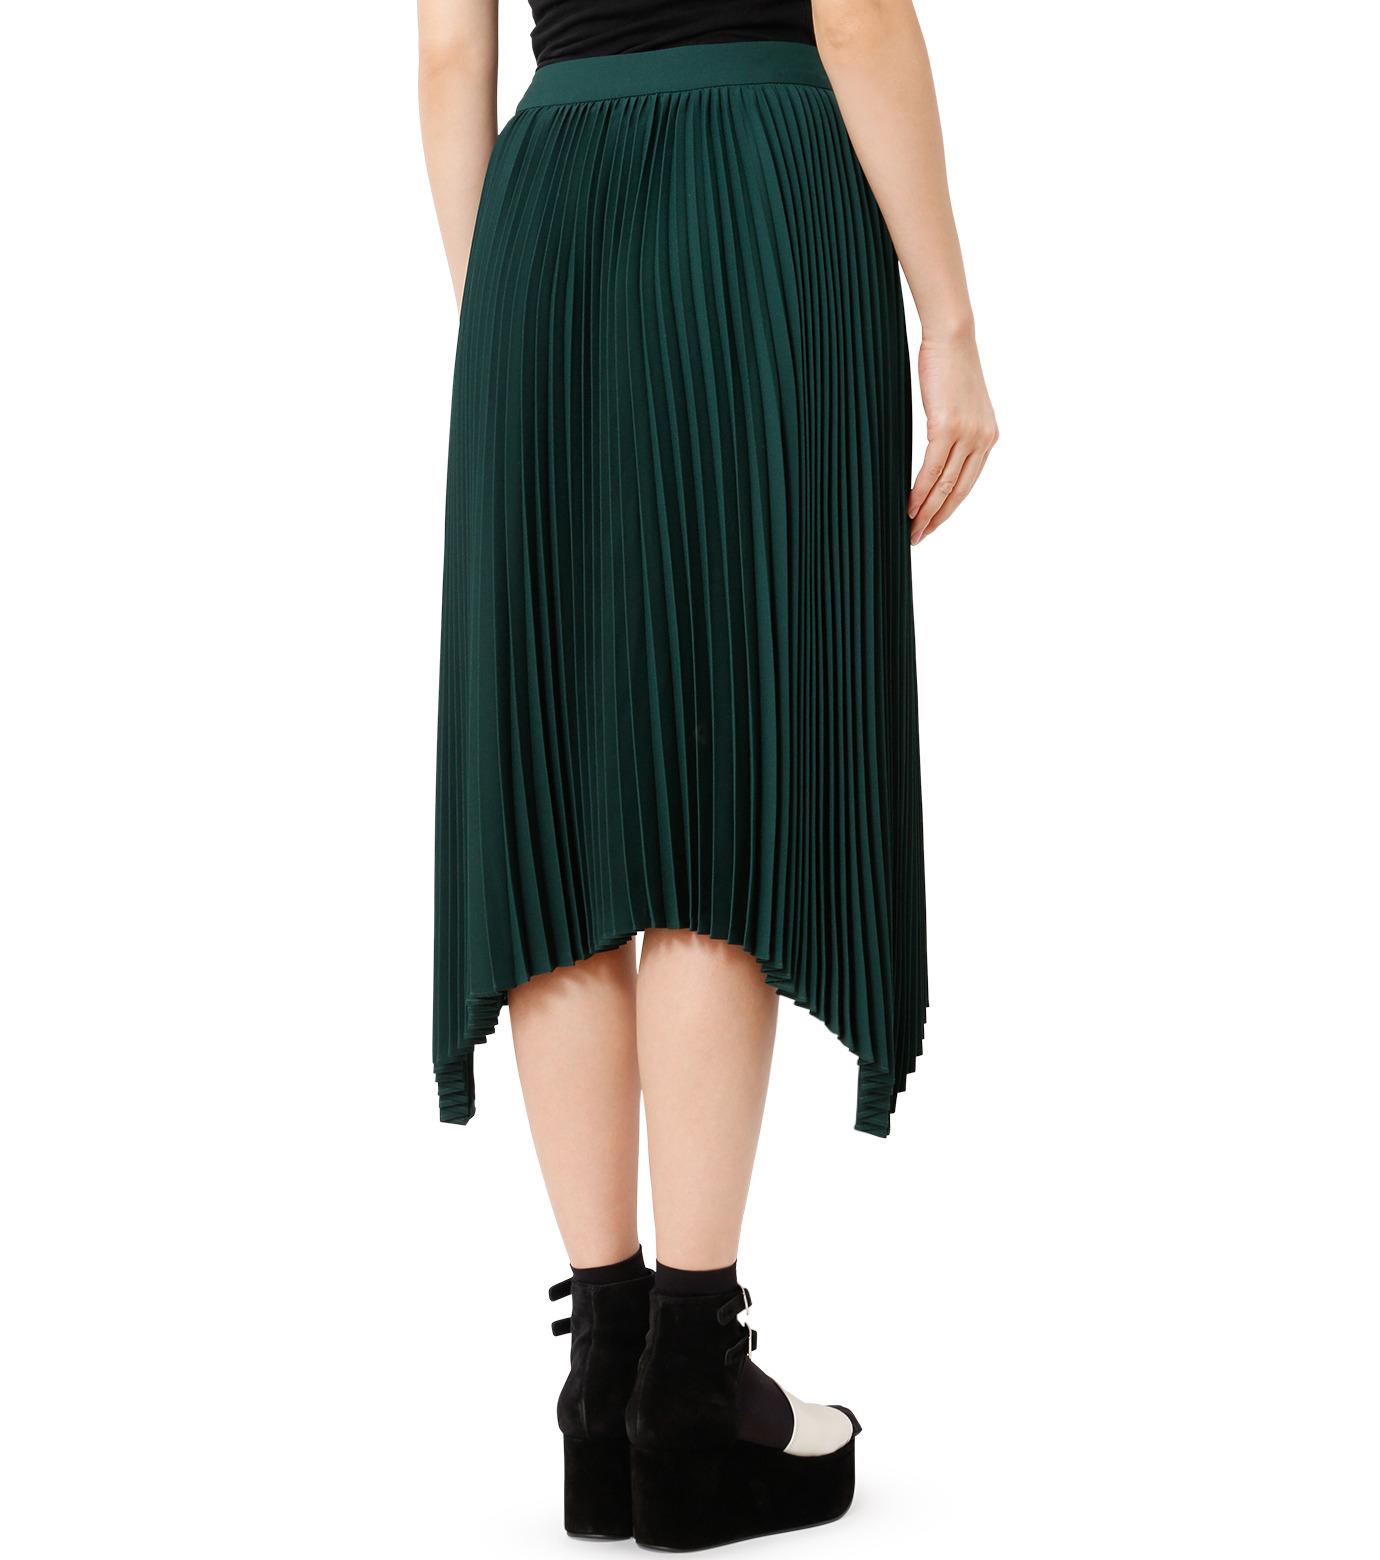 LE CIEL BLEU(ルシェルブルー)のハンカチーフヘムプリーツスカート-GREEN(スカート/skirt)-18A67423 拡大詳細画像2